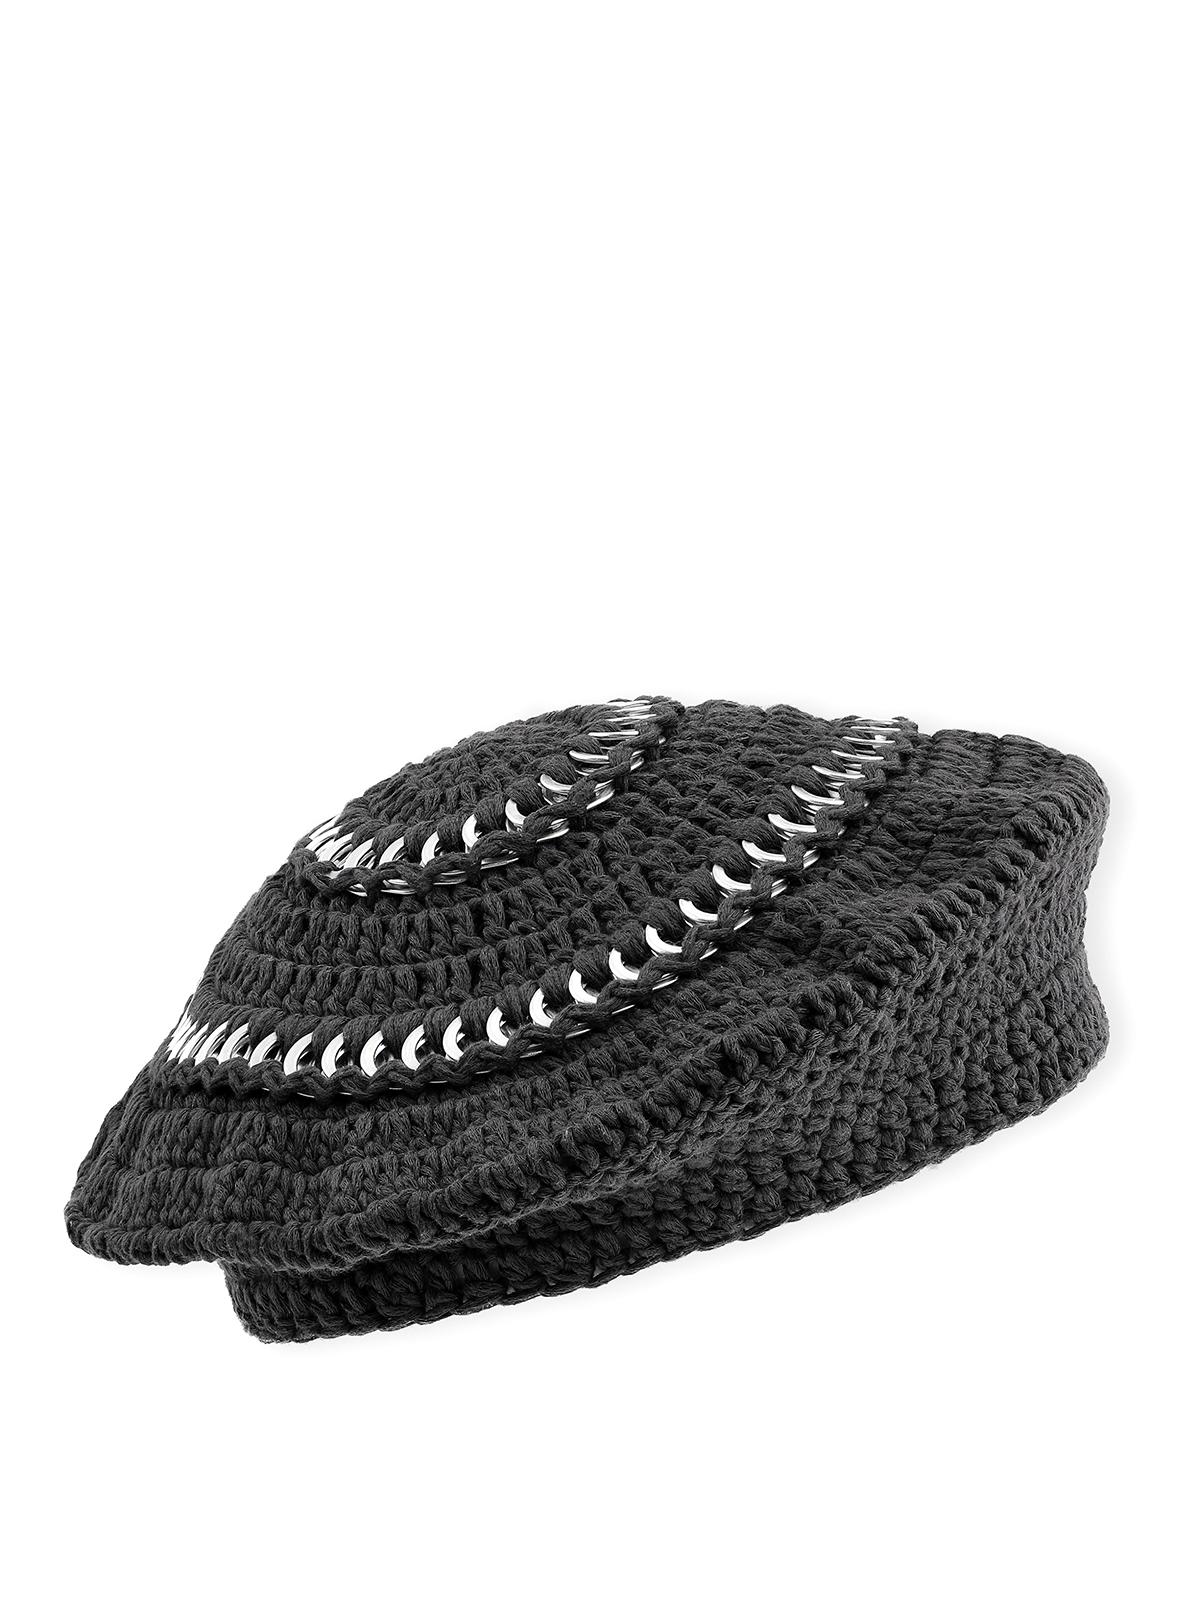 Ganni BRAIDED COTTON HAT